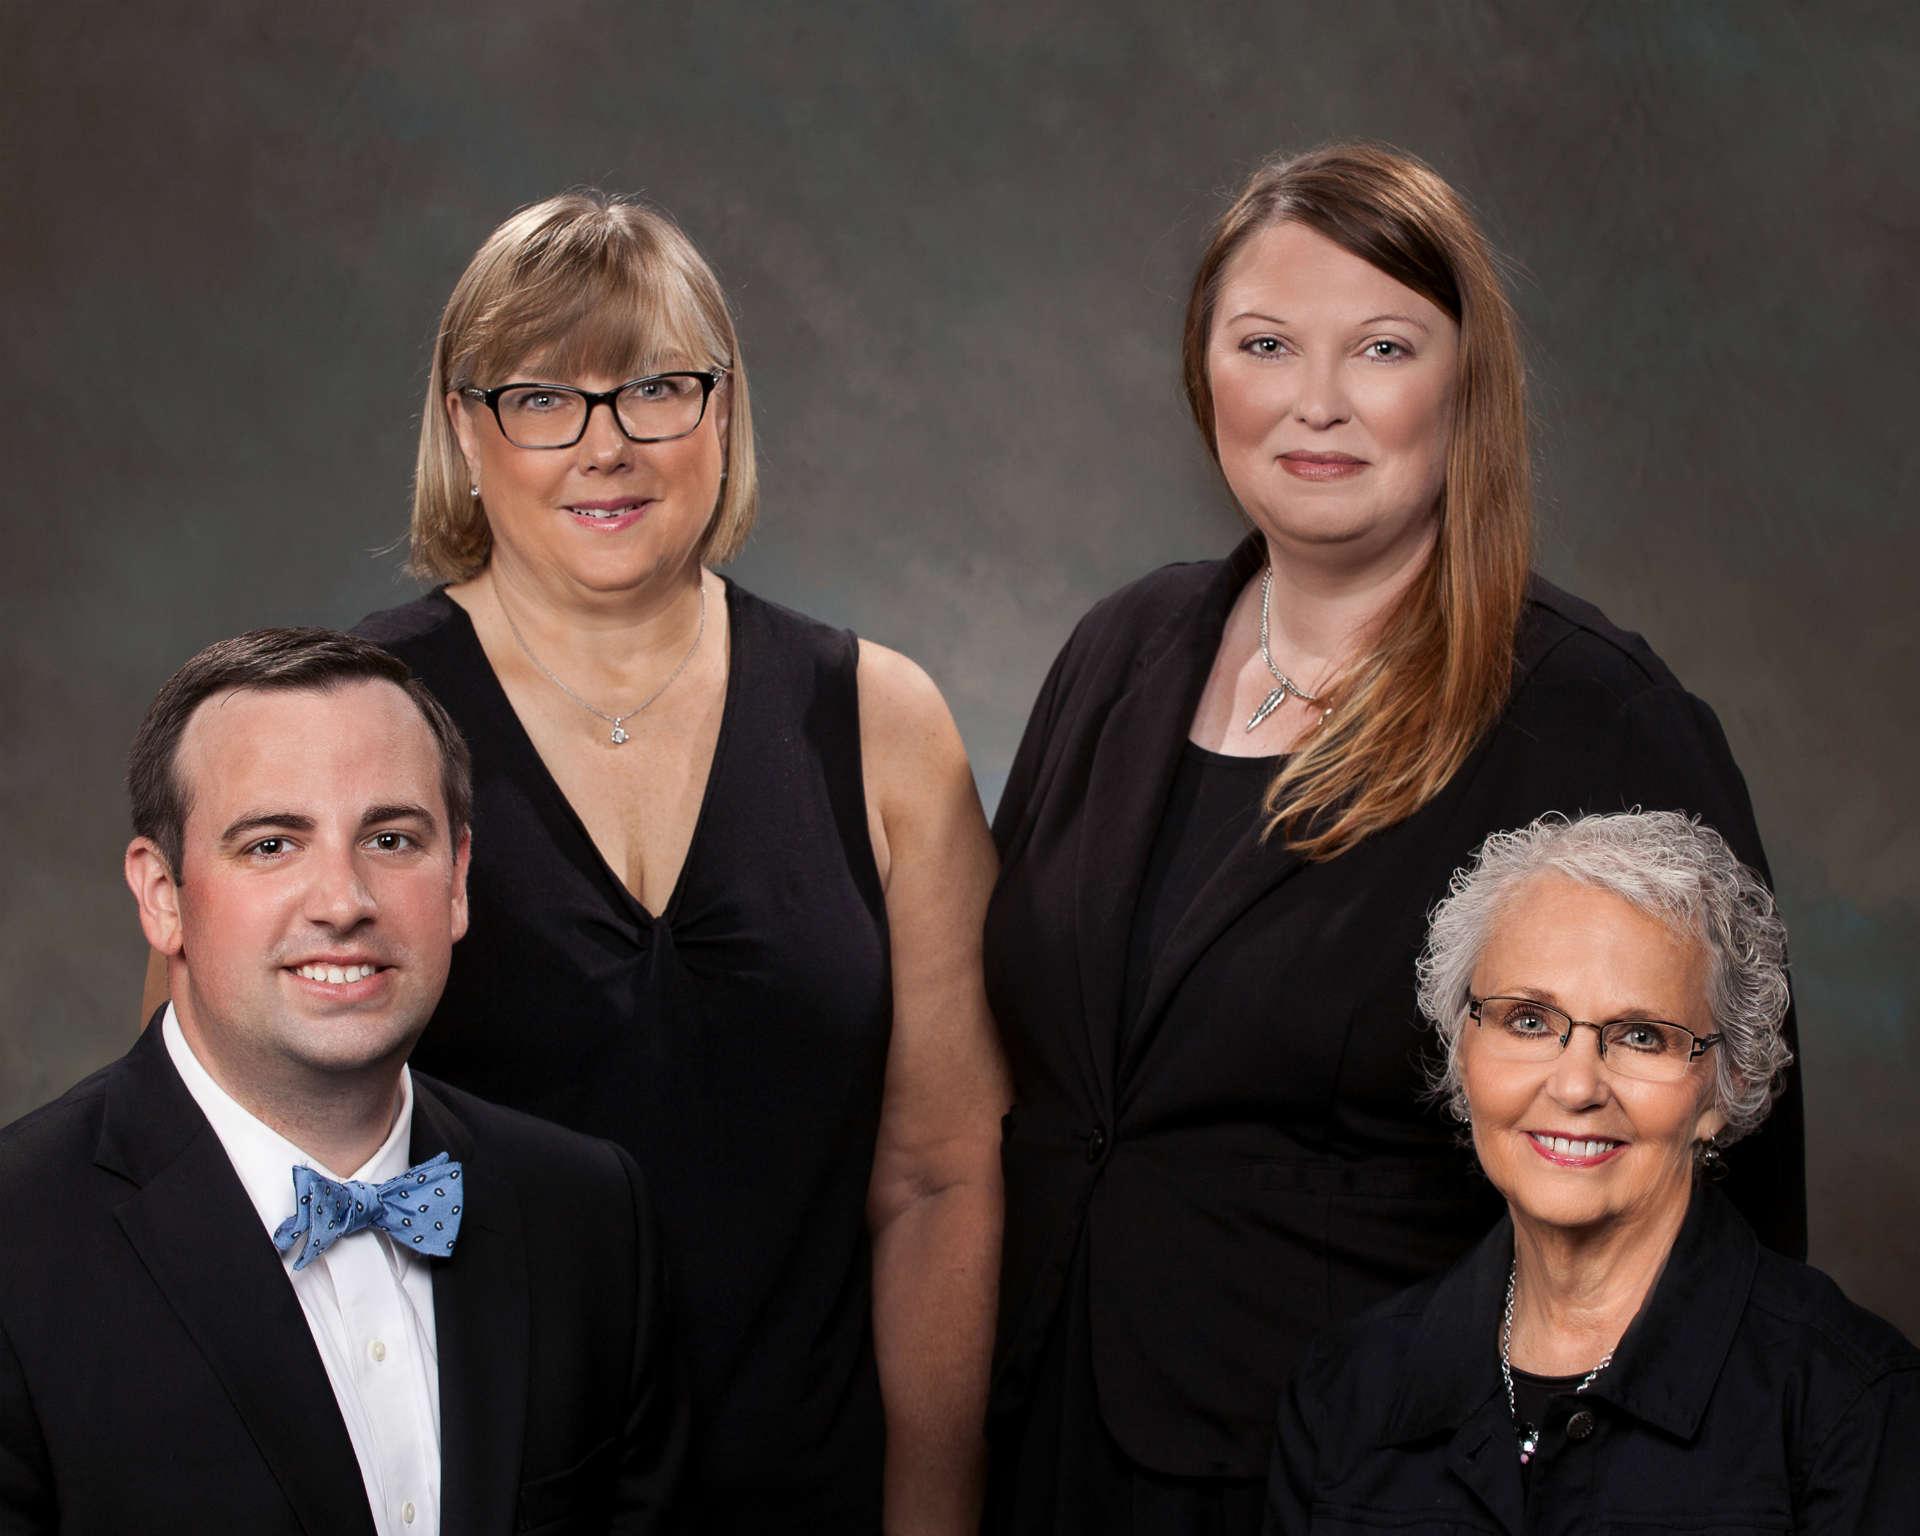 Chamber Staff Group Photo